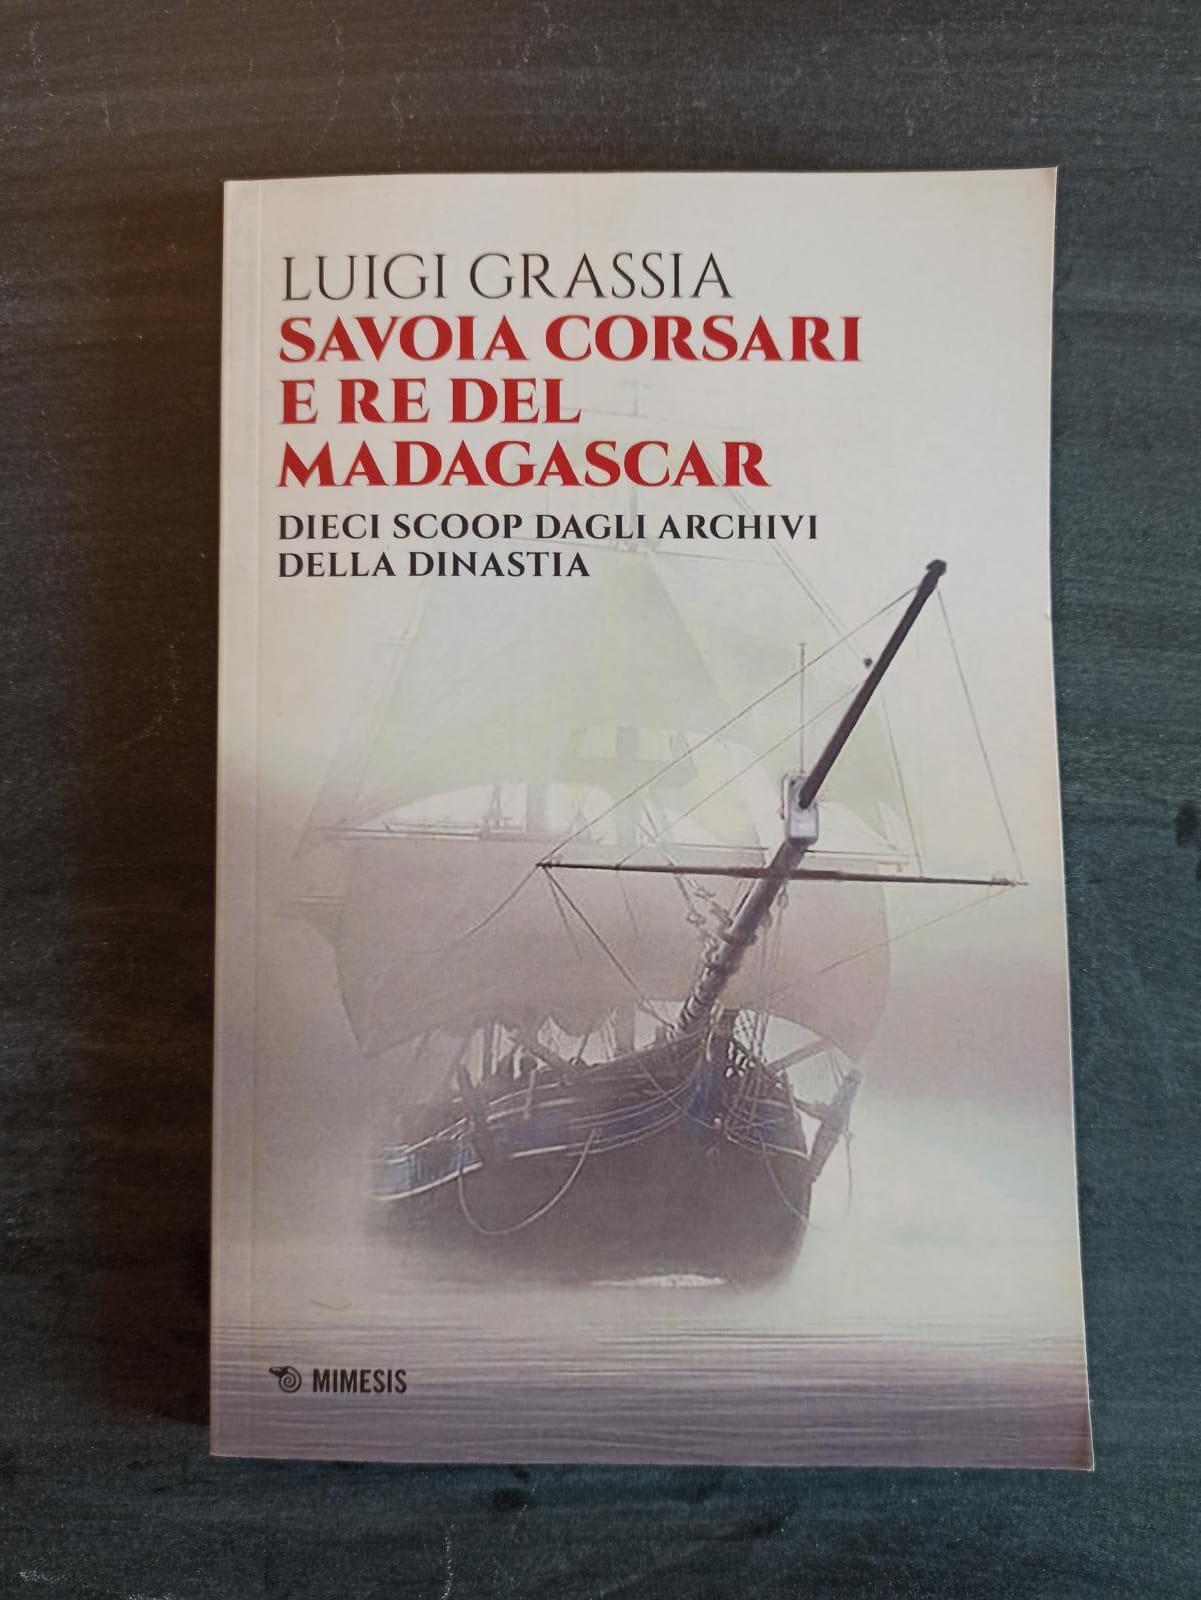 Savoia corsari e re del Madagascar - Dieci scoop dagli archivi della dinastia